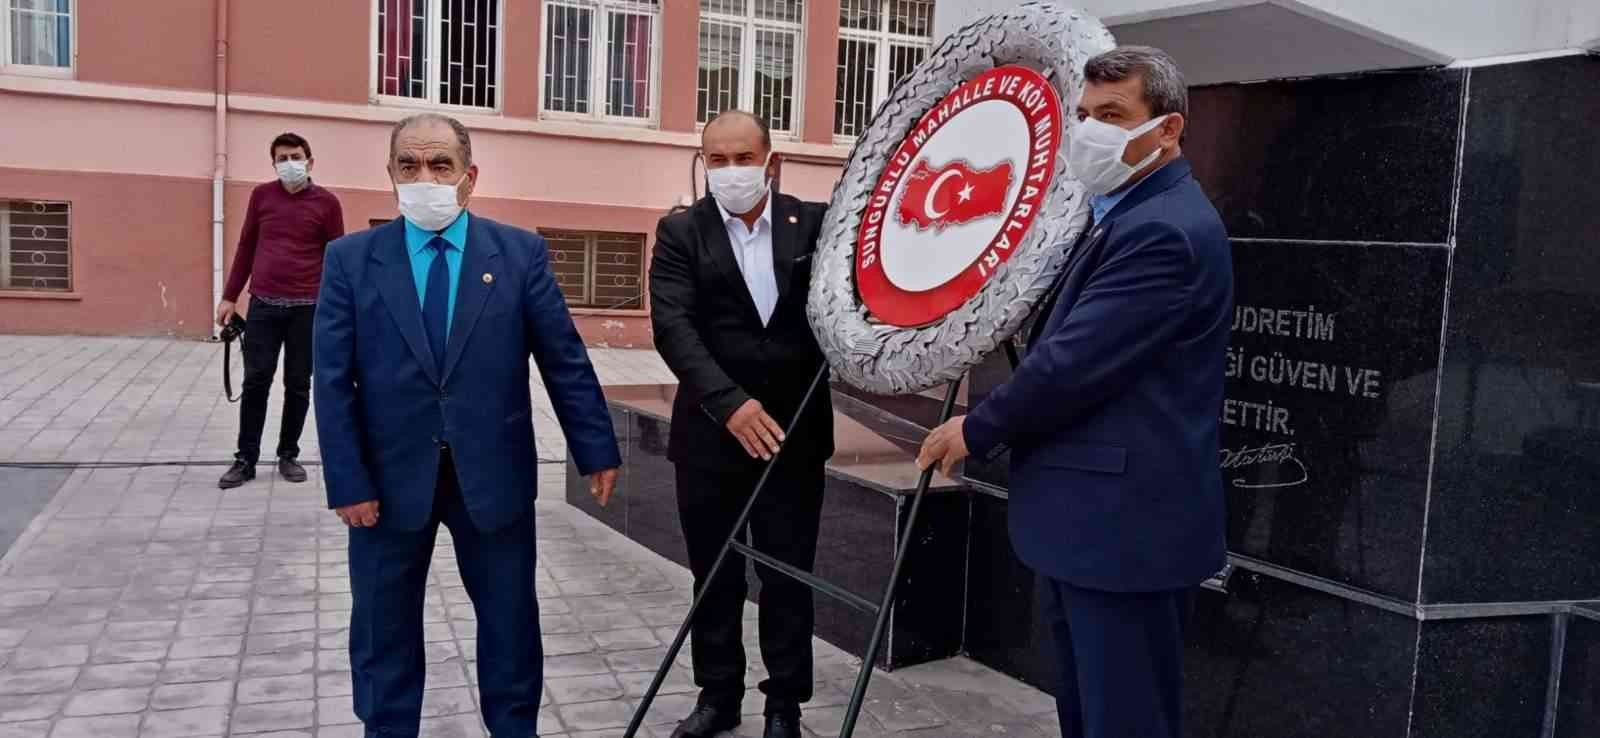 Ramazan Ergişi: Muhtarlık yerel demokrasinin en eski örneğini temsil ediyor #corum